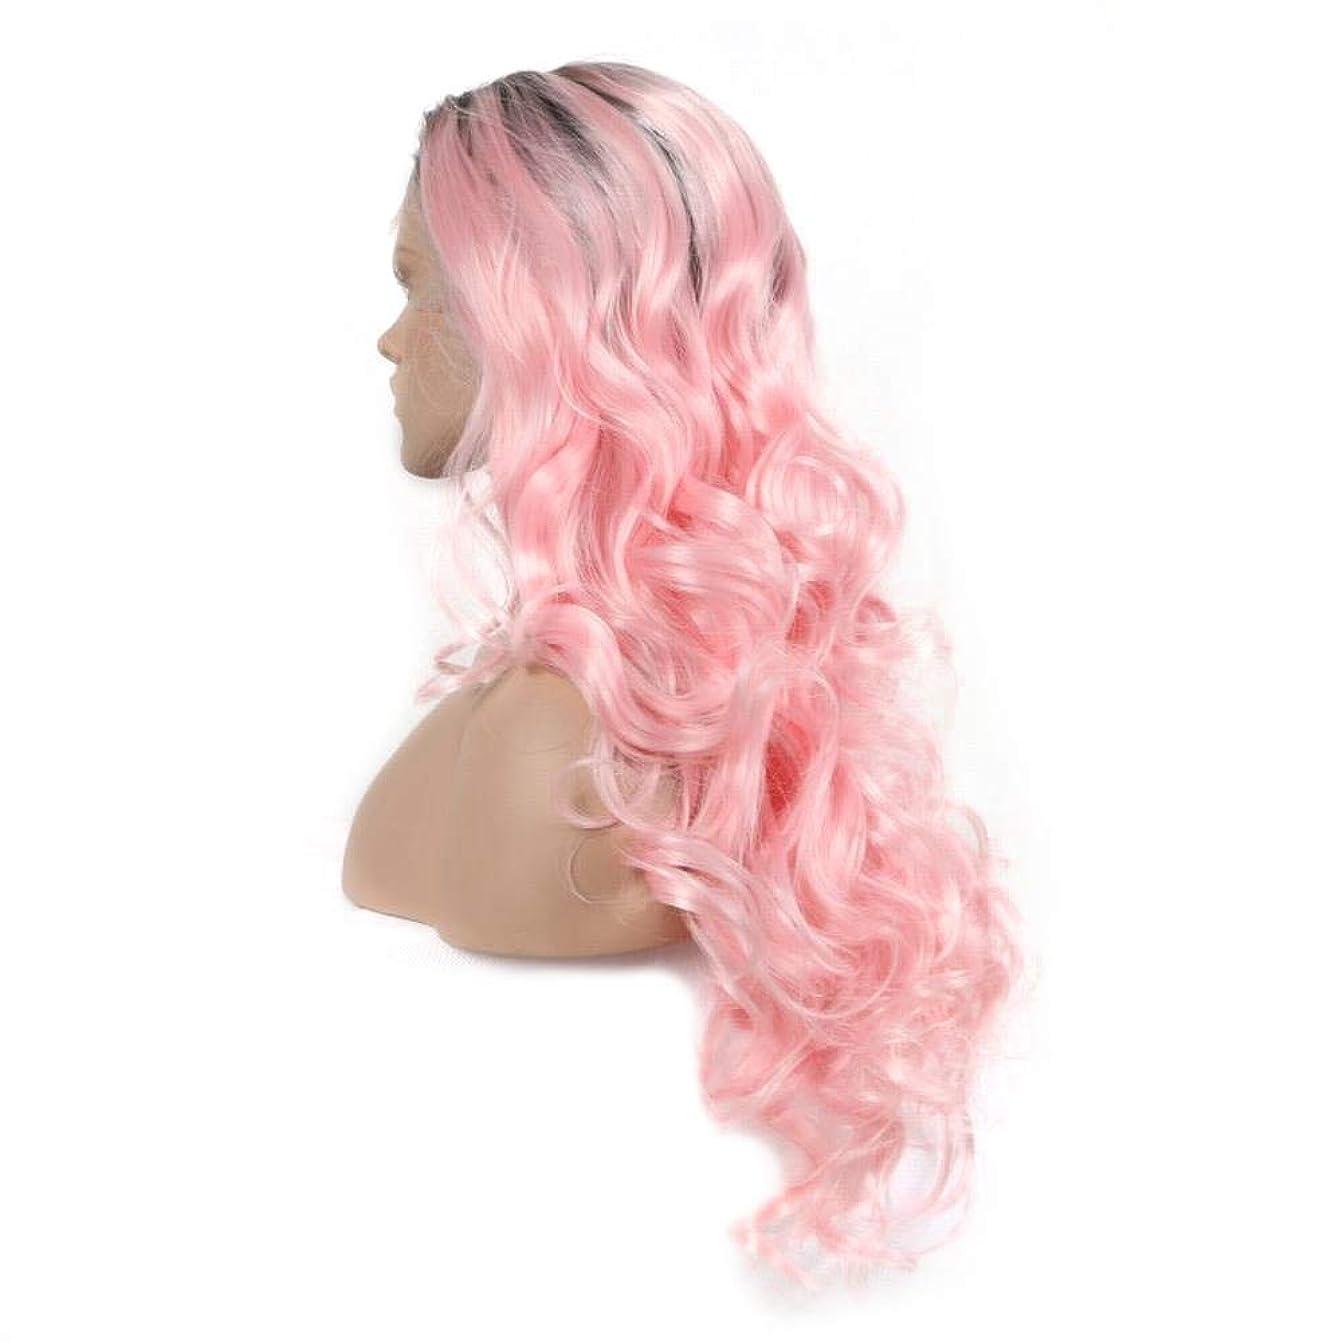 コンパイル霧深い適性BOBIDYEE 女性の長い巻き毛のフロントレースグラデーションピンクのかつら合成髪のレースのかつらロールプレイングかつら (色 : ピンク)